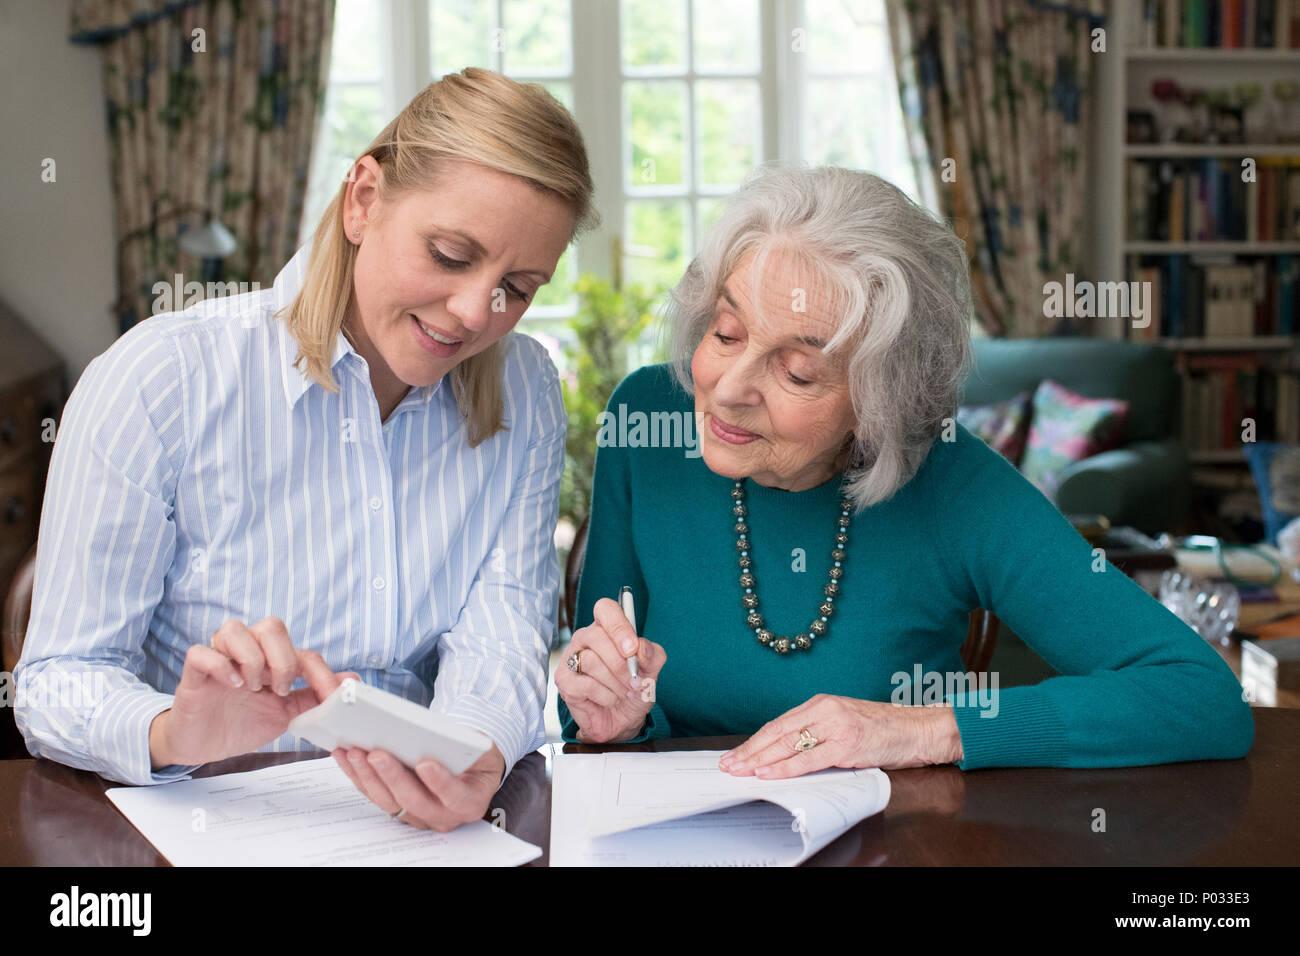 Woman Helping Senior Neighbor With Paperwork - Stock Image